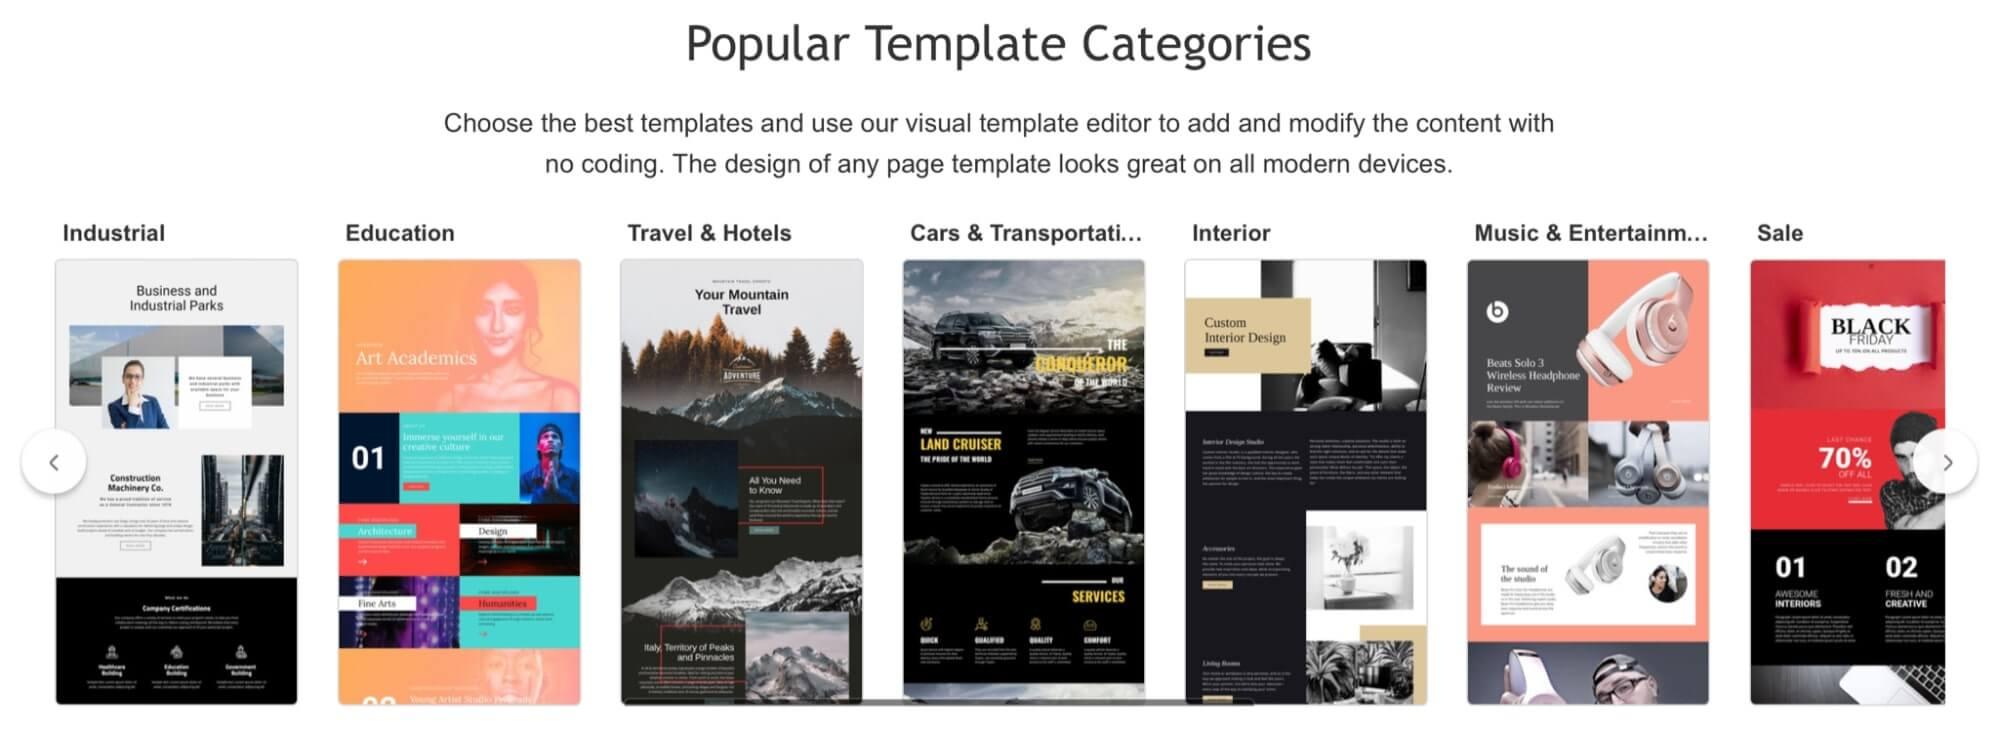 Template Categories of Nicepage